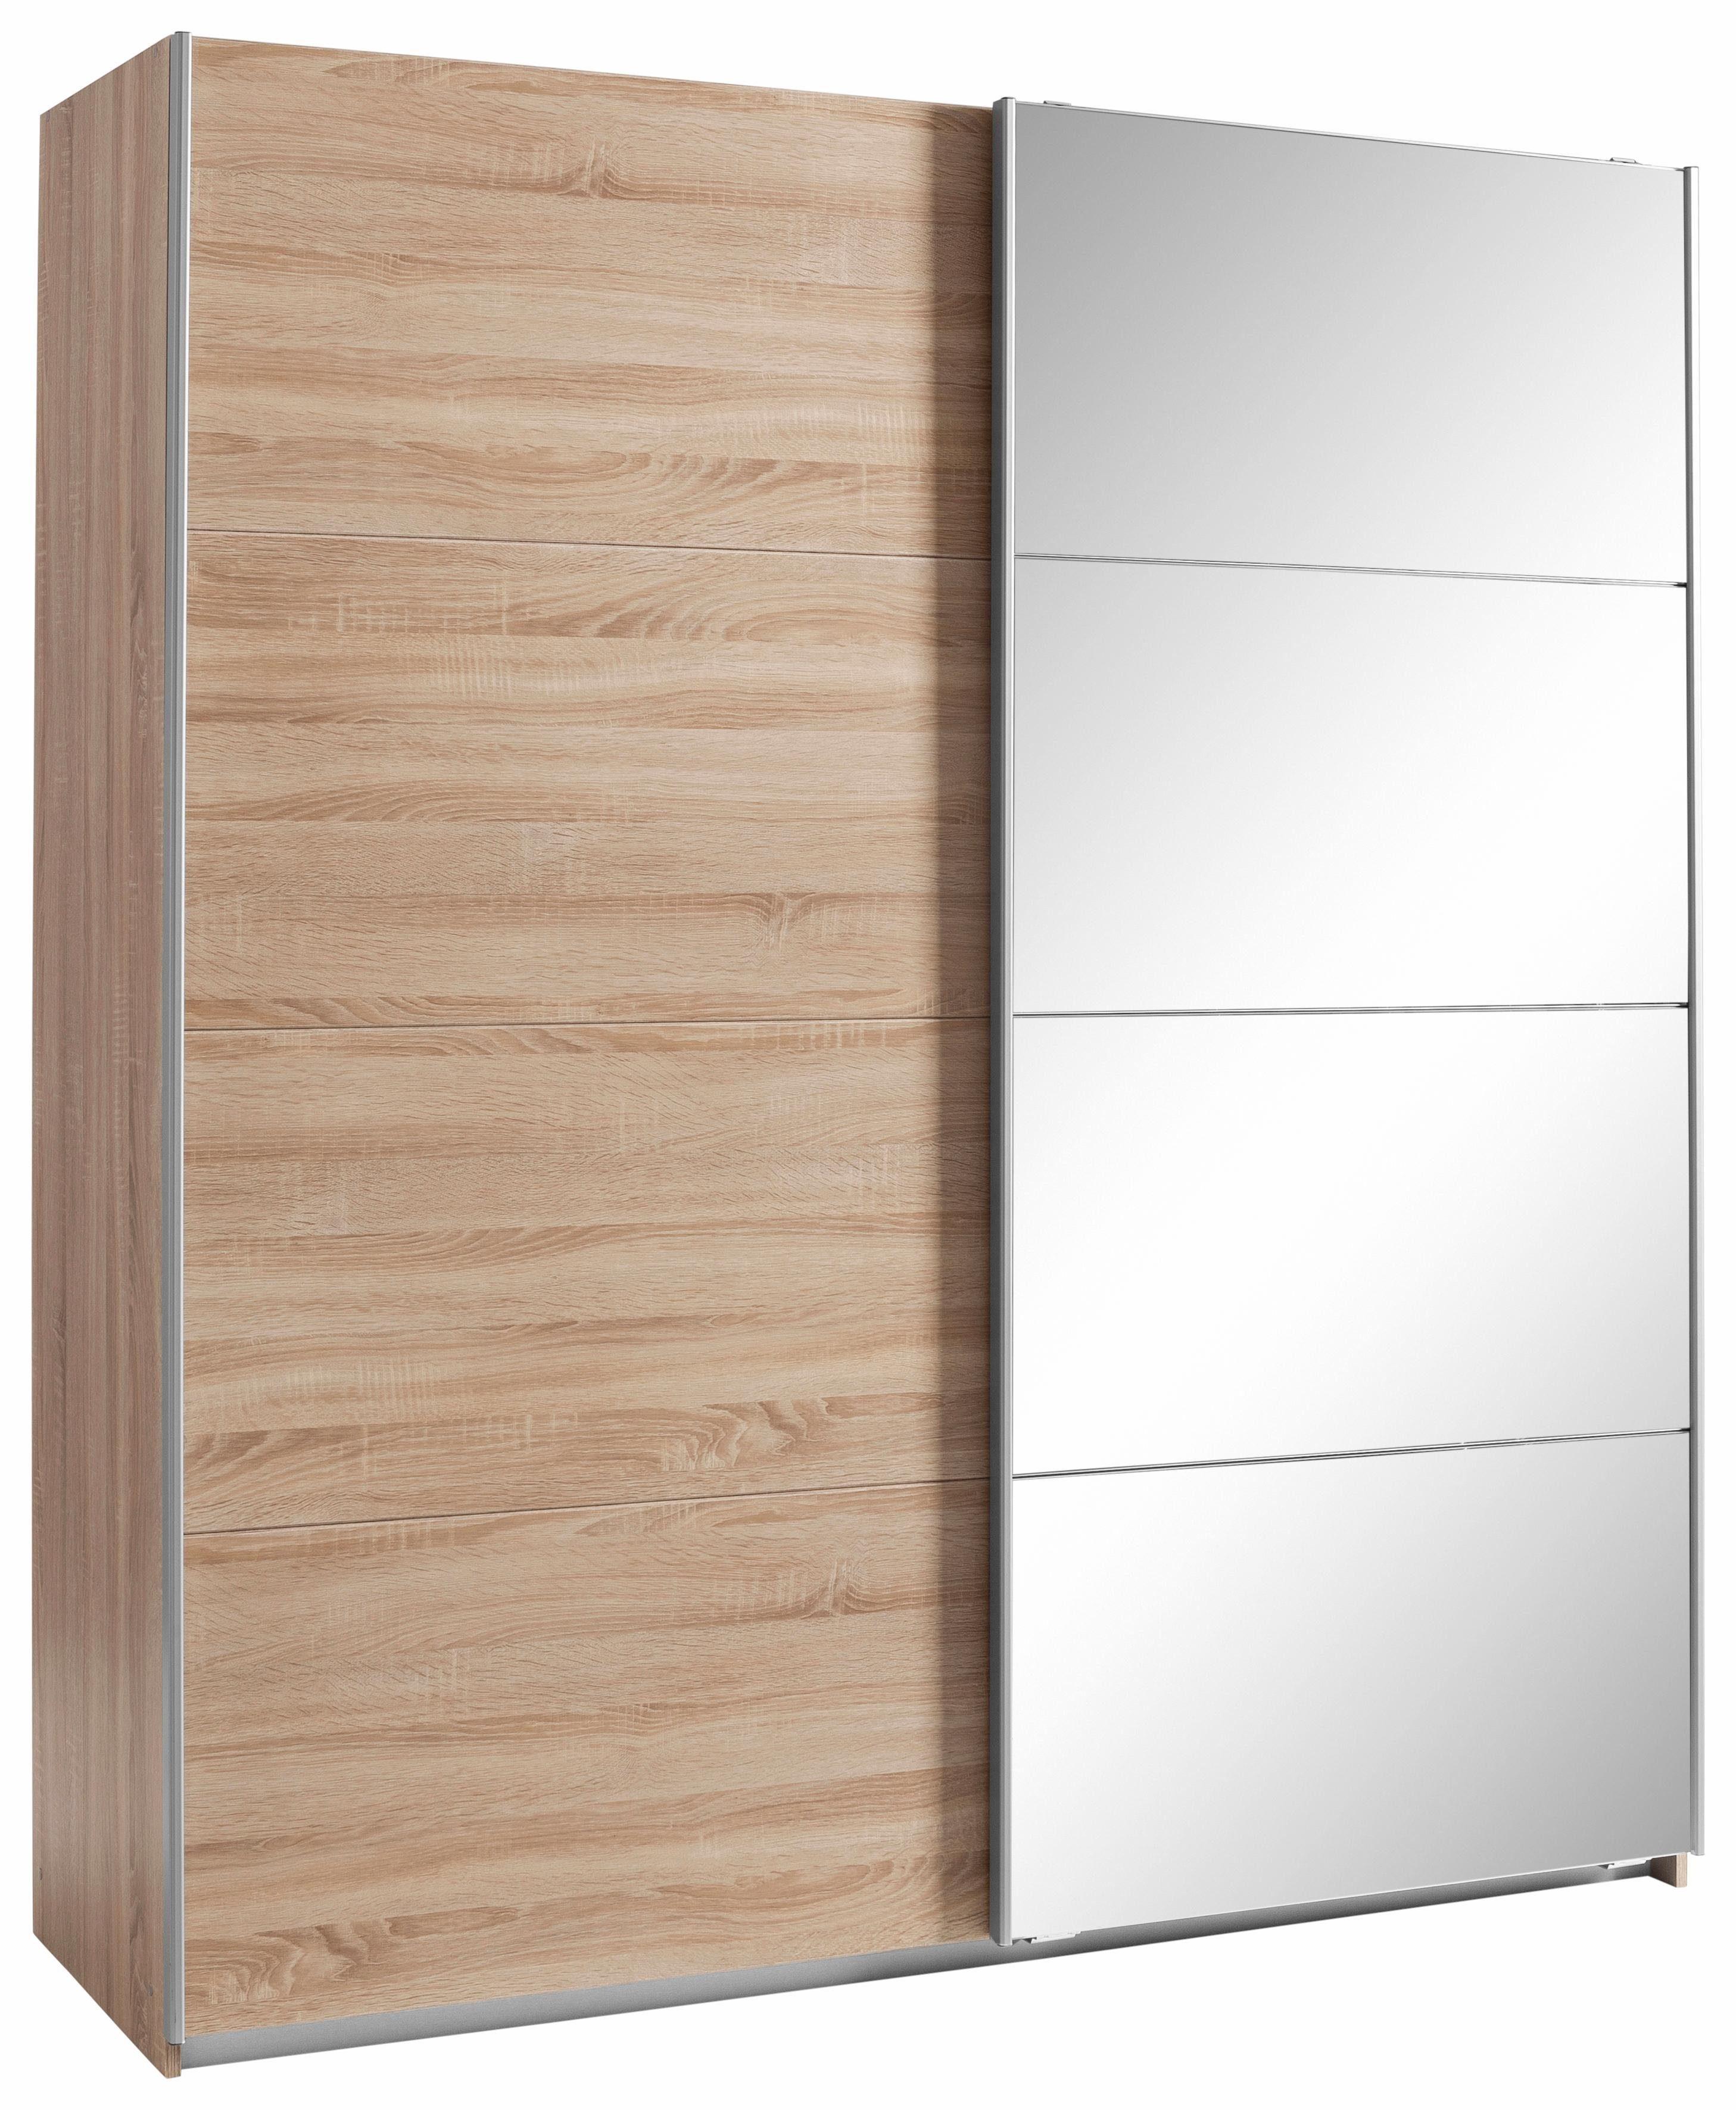 rauch Garderobenschrank »Minosa«, mit Spiegel, Breite 181 cm